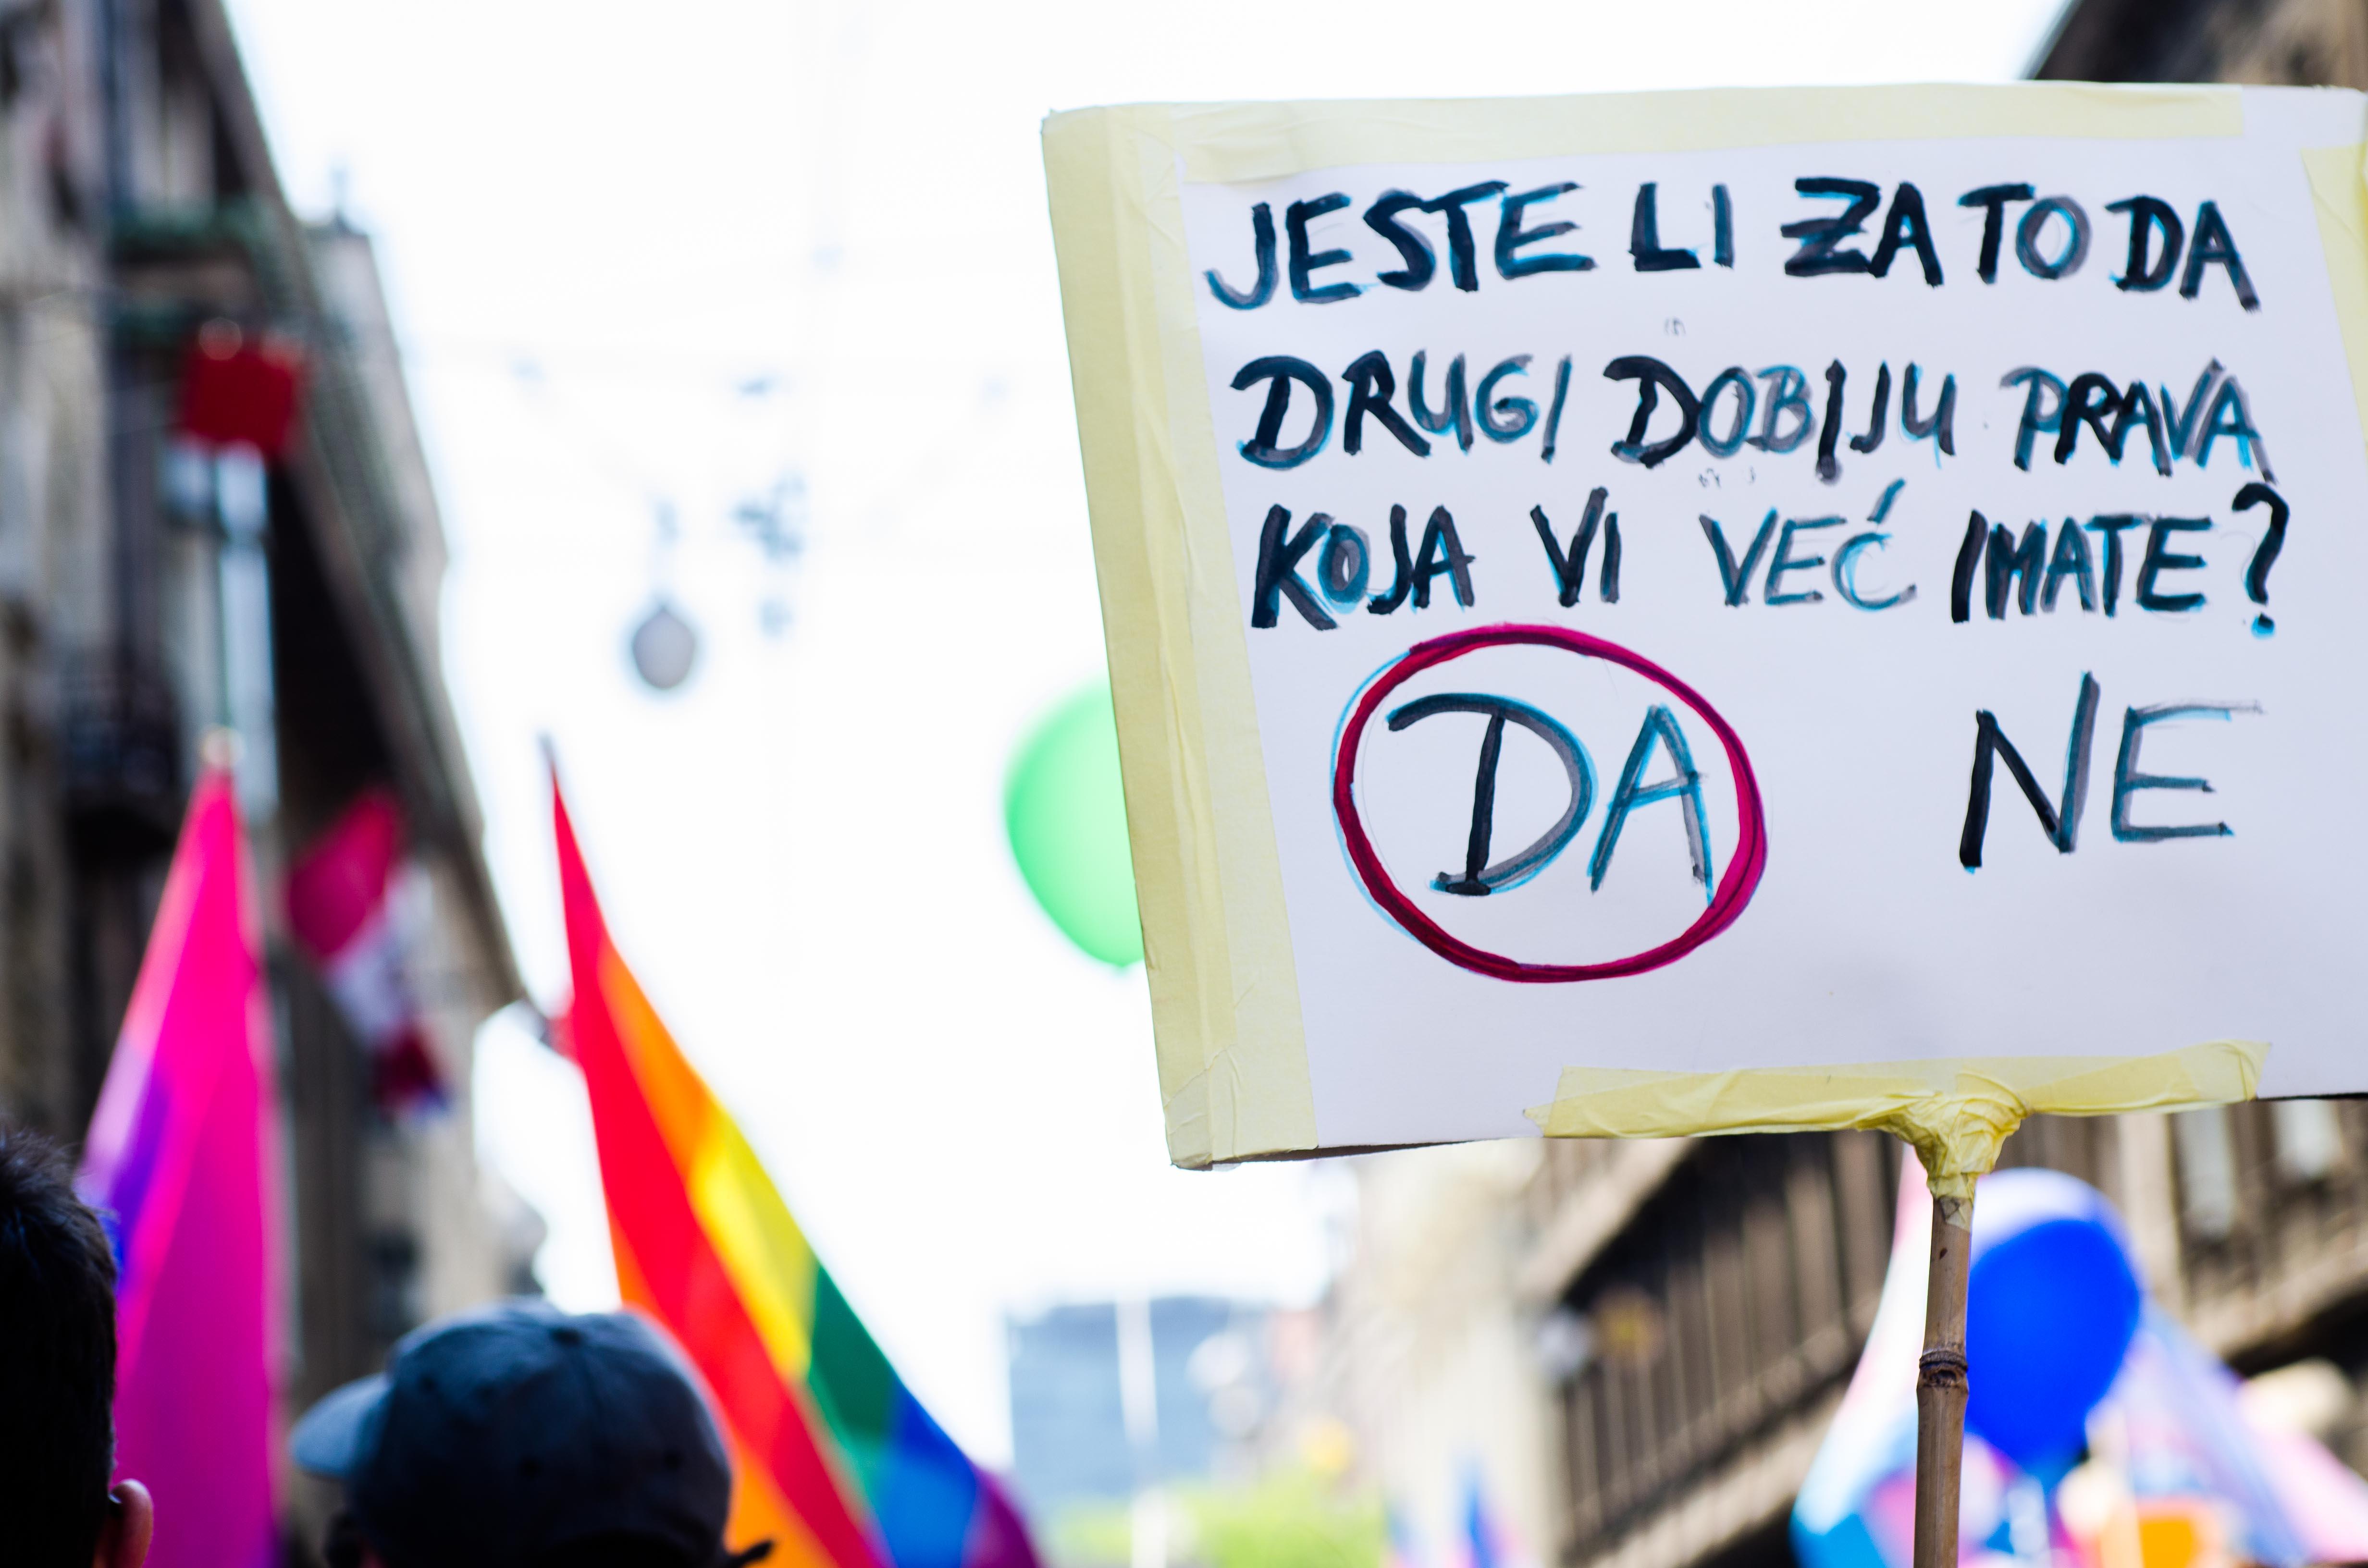 Foto: Matej Čelar za Zagreb Pride